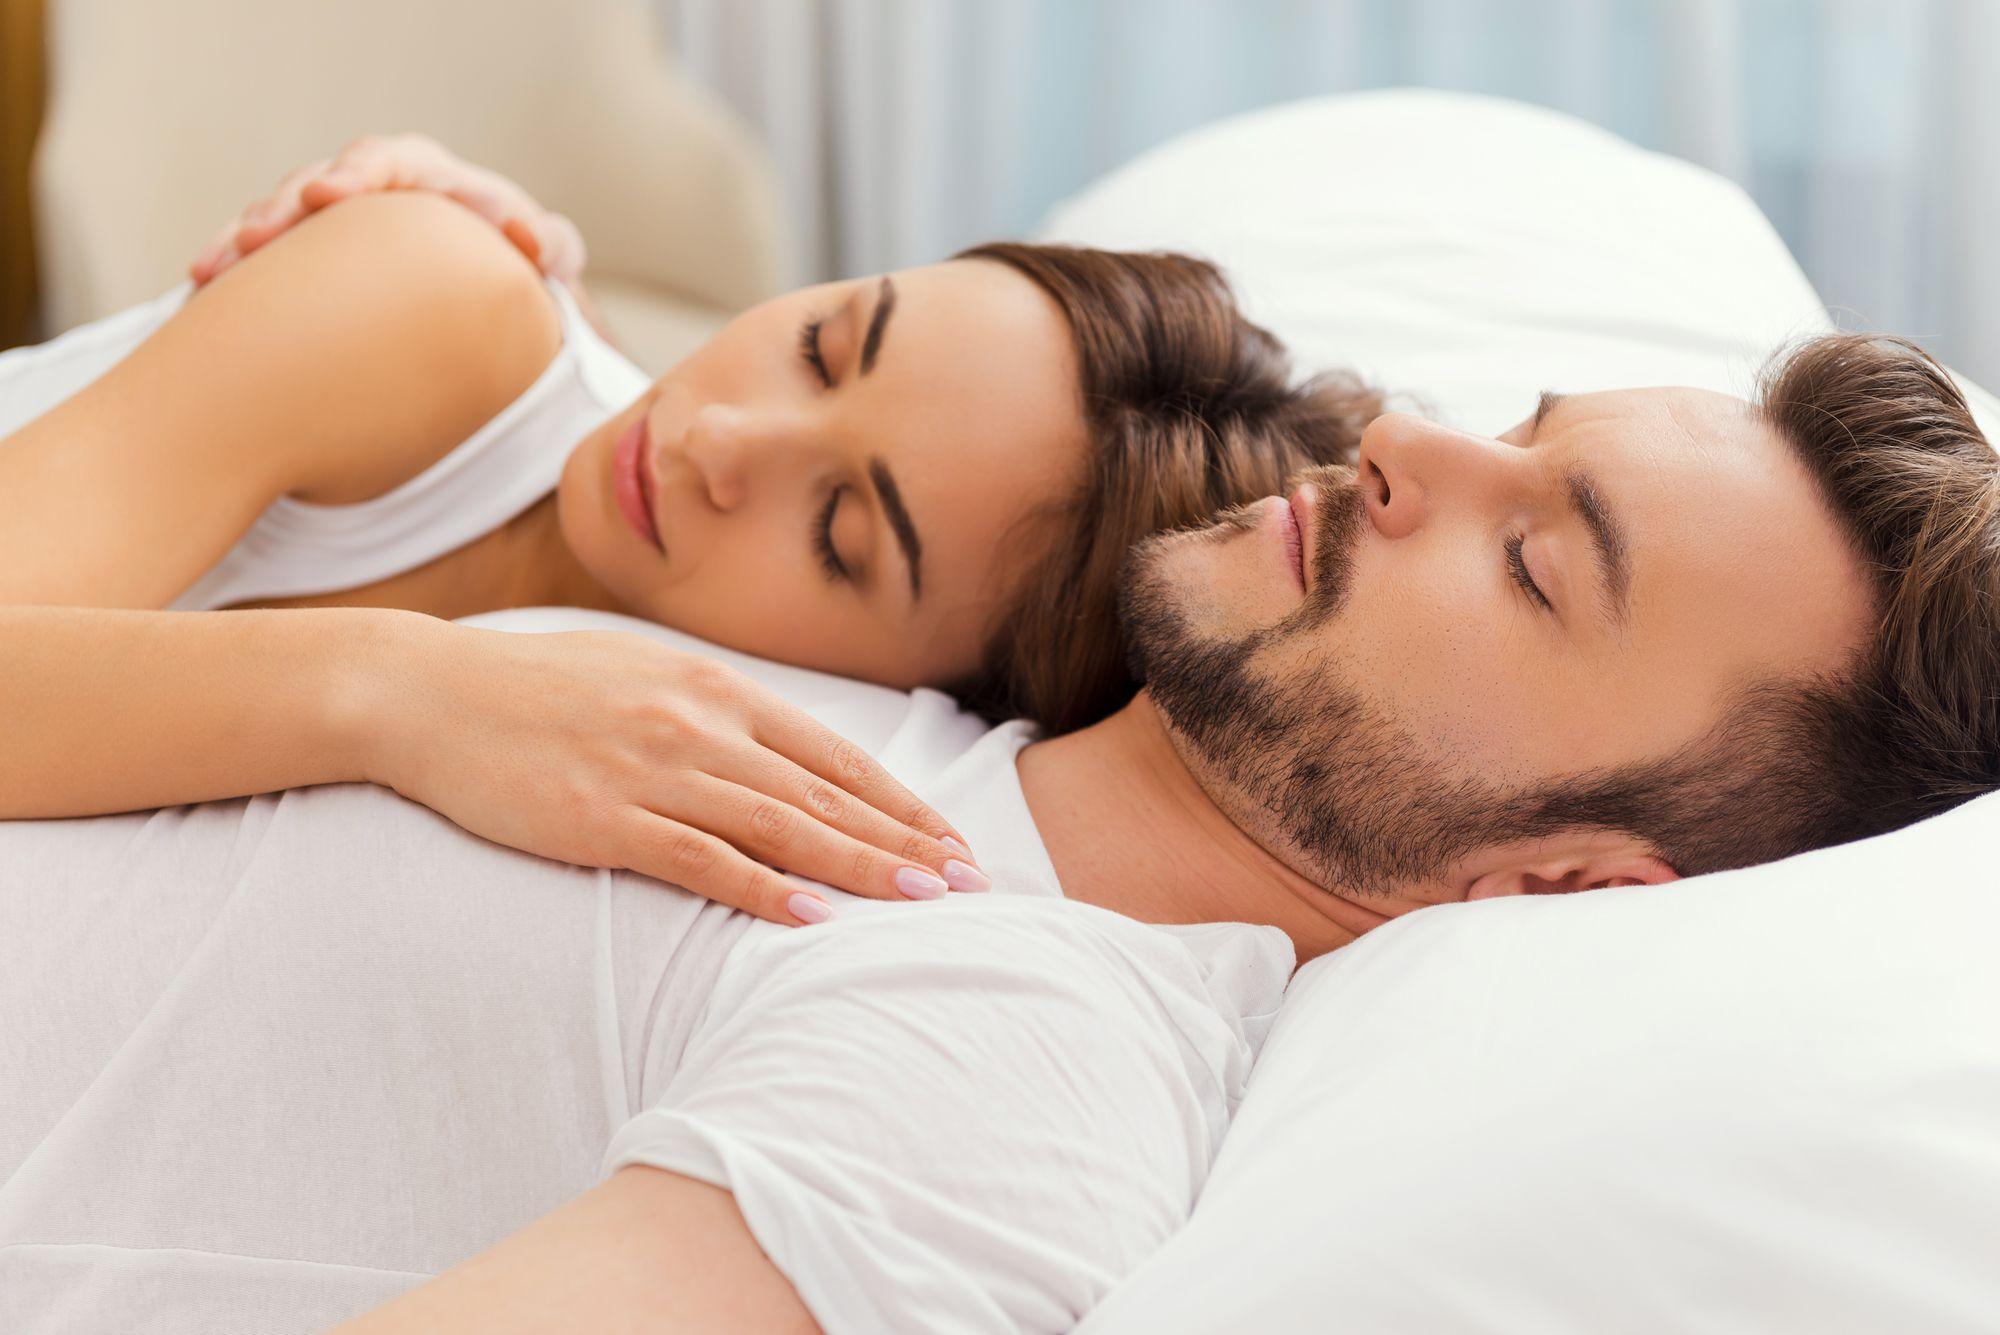 Diferenças do sono entre homens e mulheres